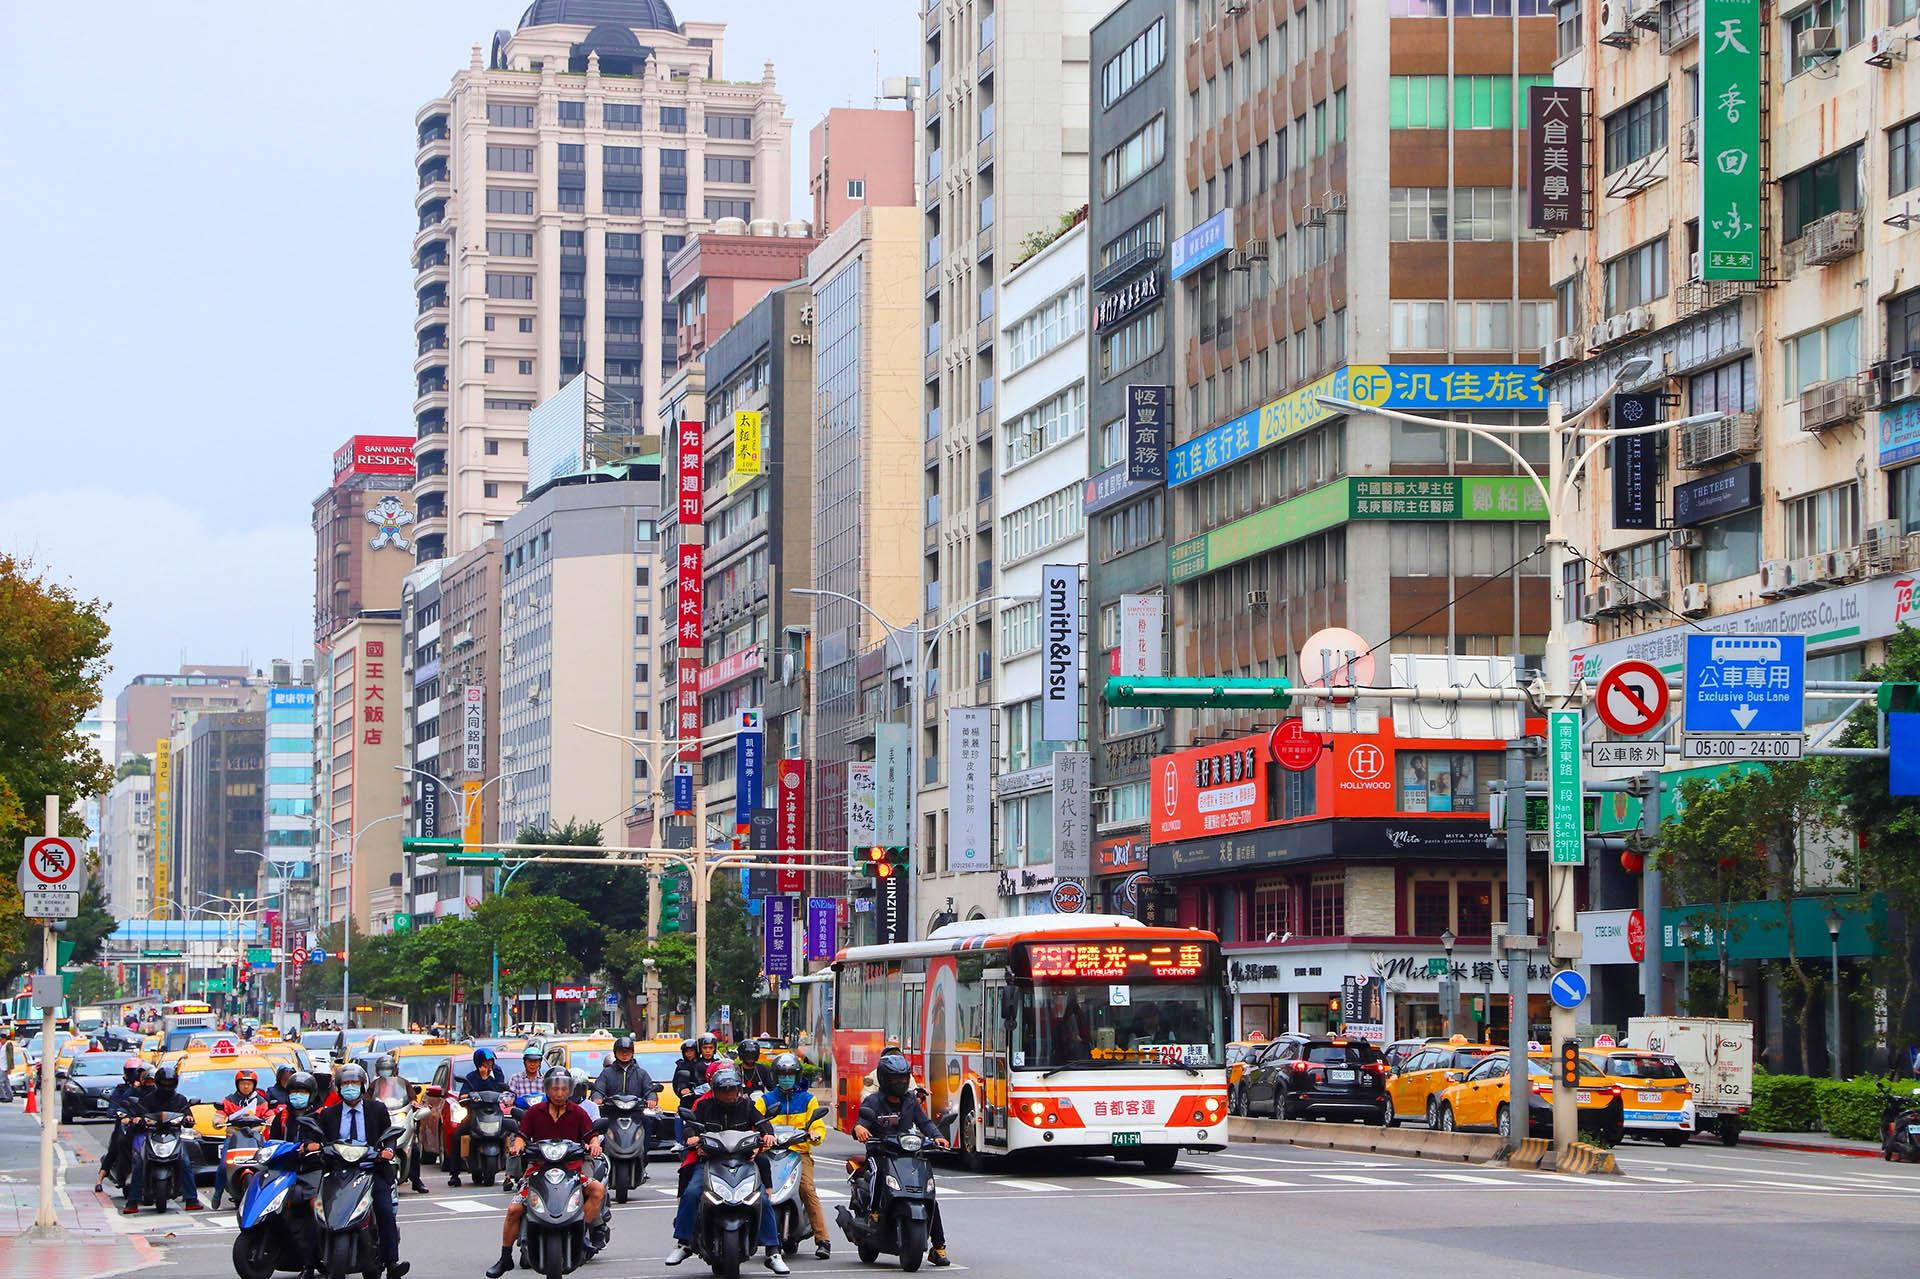 El distrito de Zhongsham de Taiwán combina la elegancia de antaño junto con nuevos centros comerciales ultramodernos